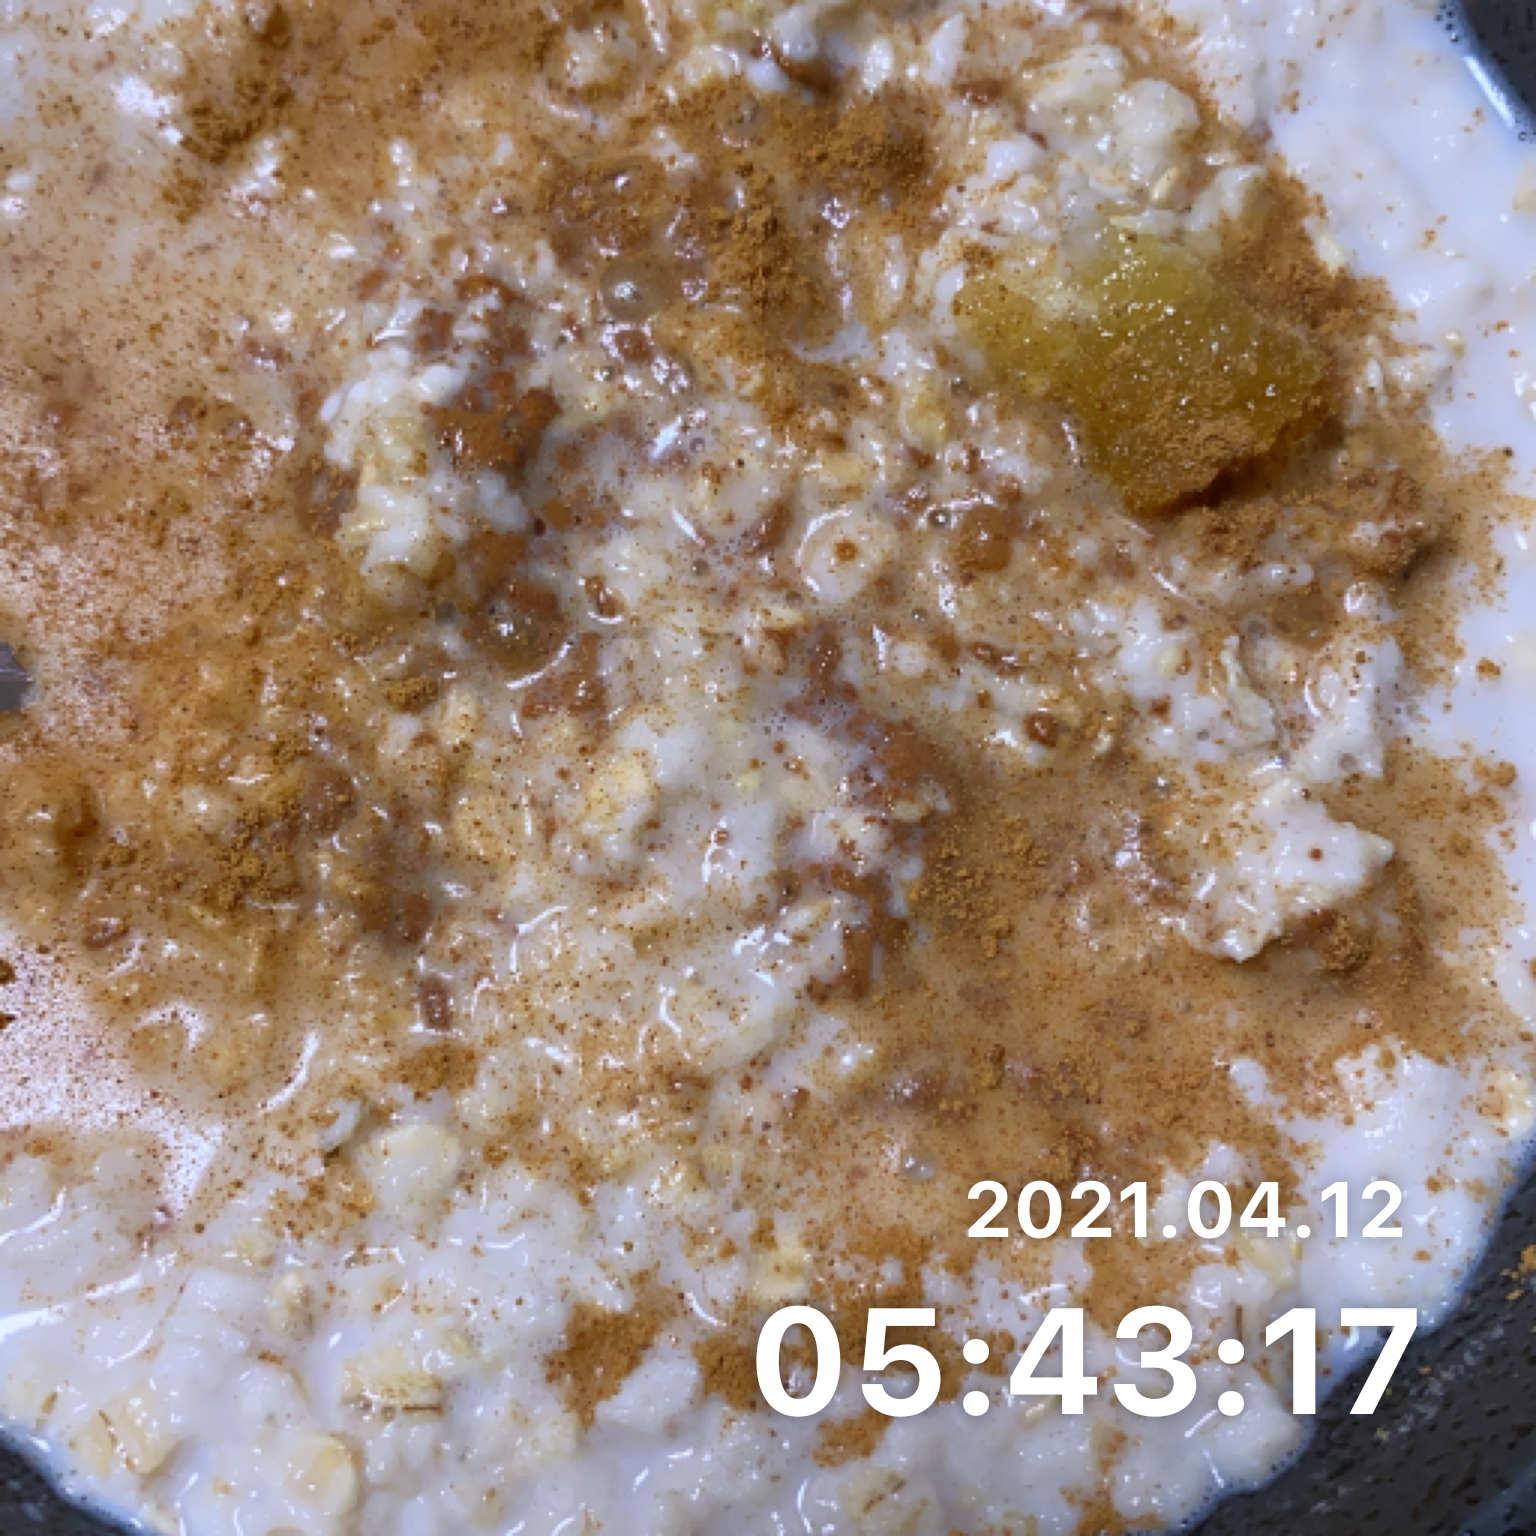 朝食を食べるのサムネイル画像